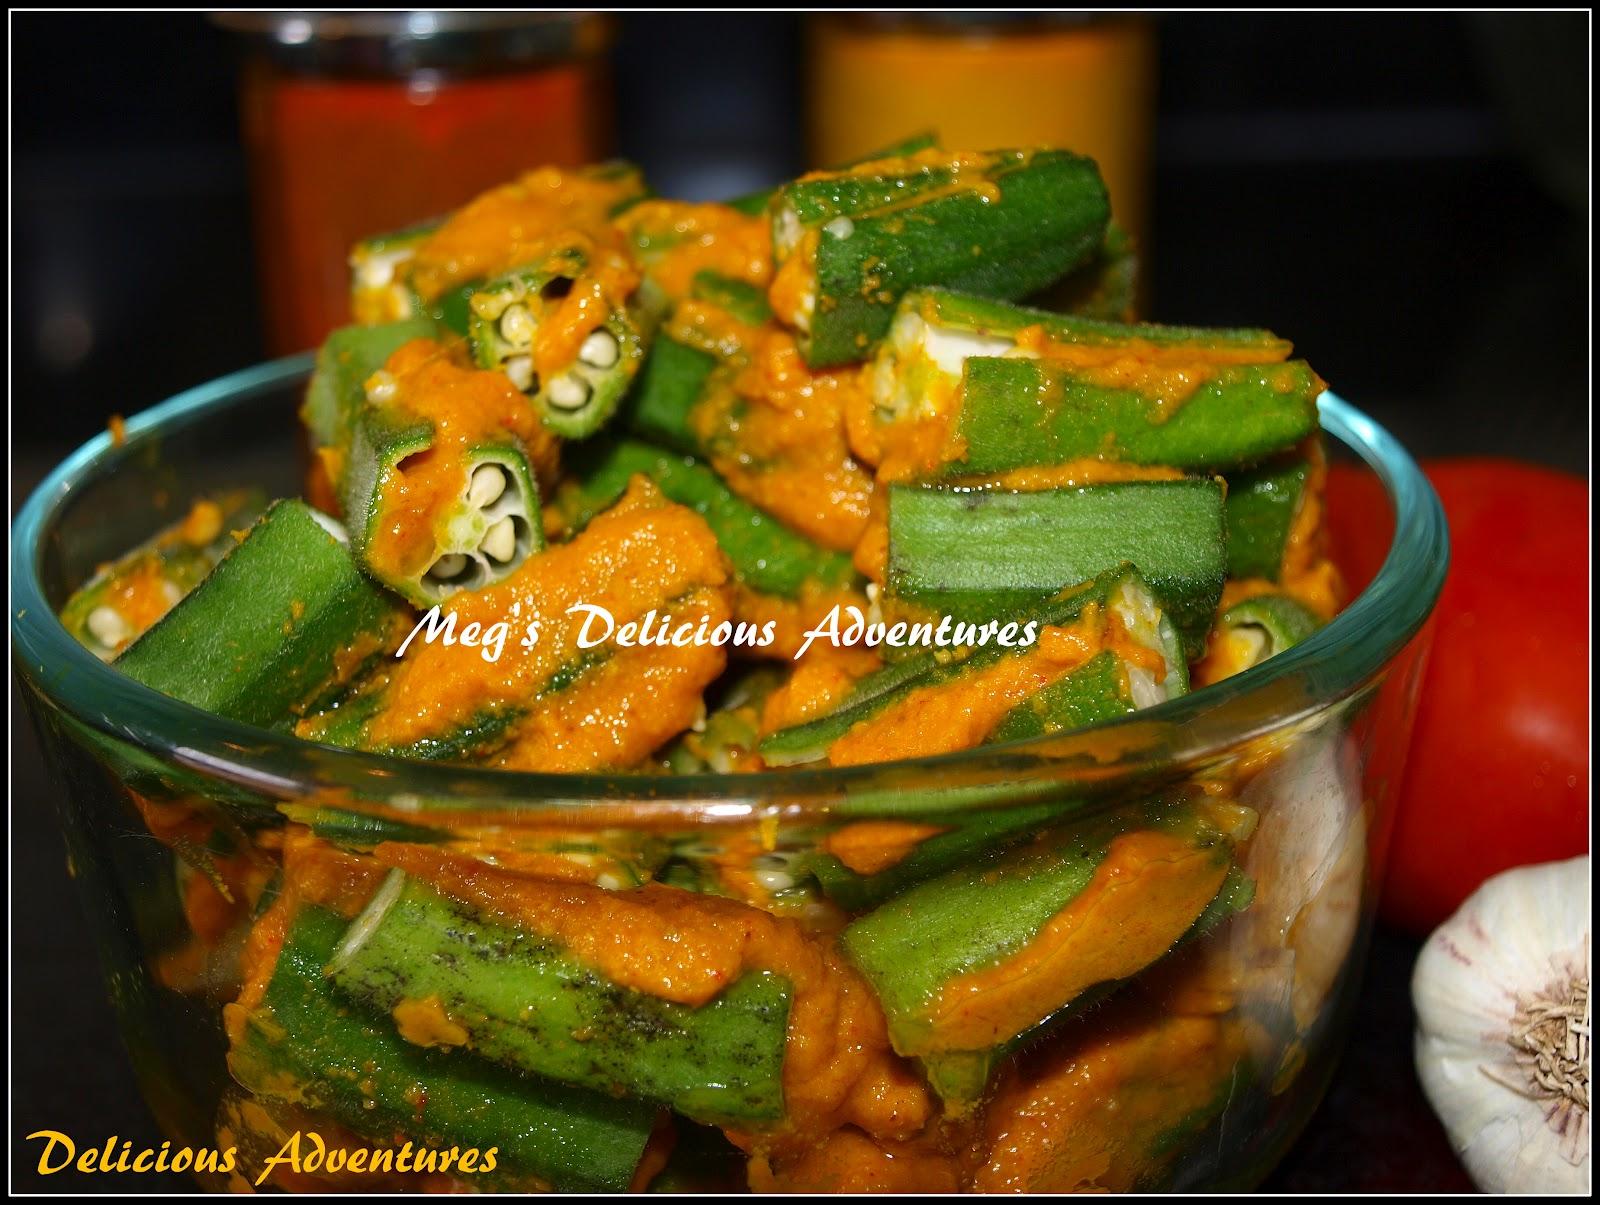 ... Adventures: Stuffed Bhindi / Ladyfingers / Okra (Bharli Bhendi